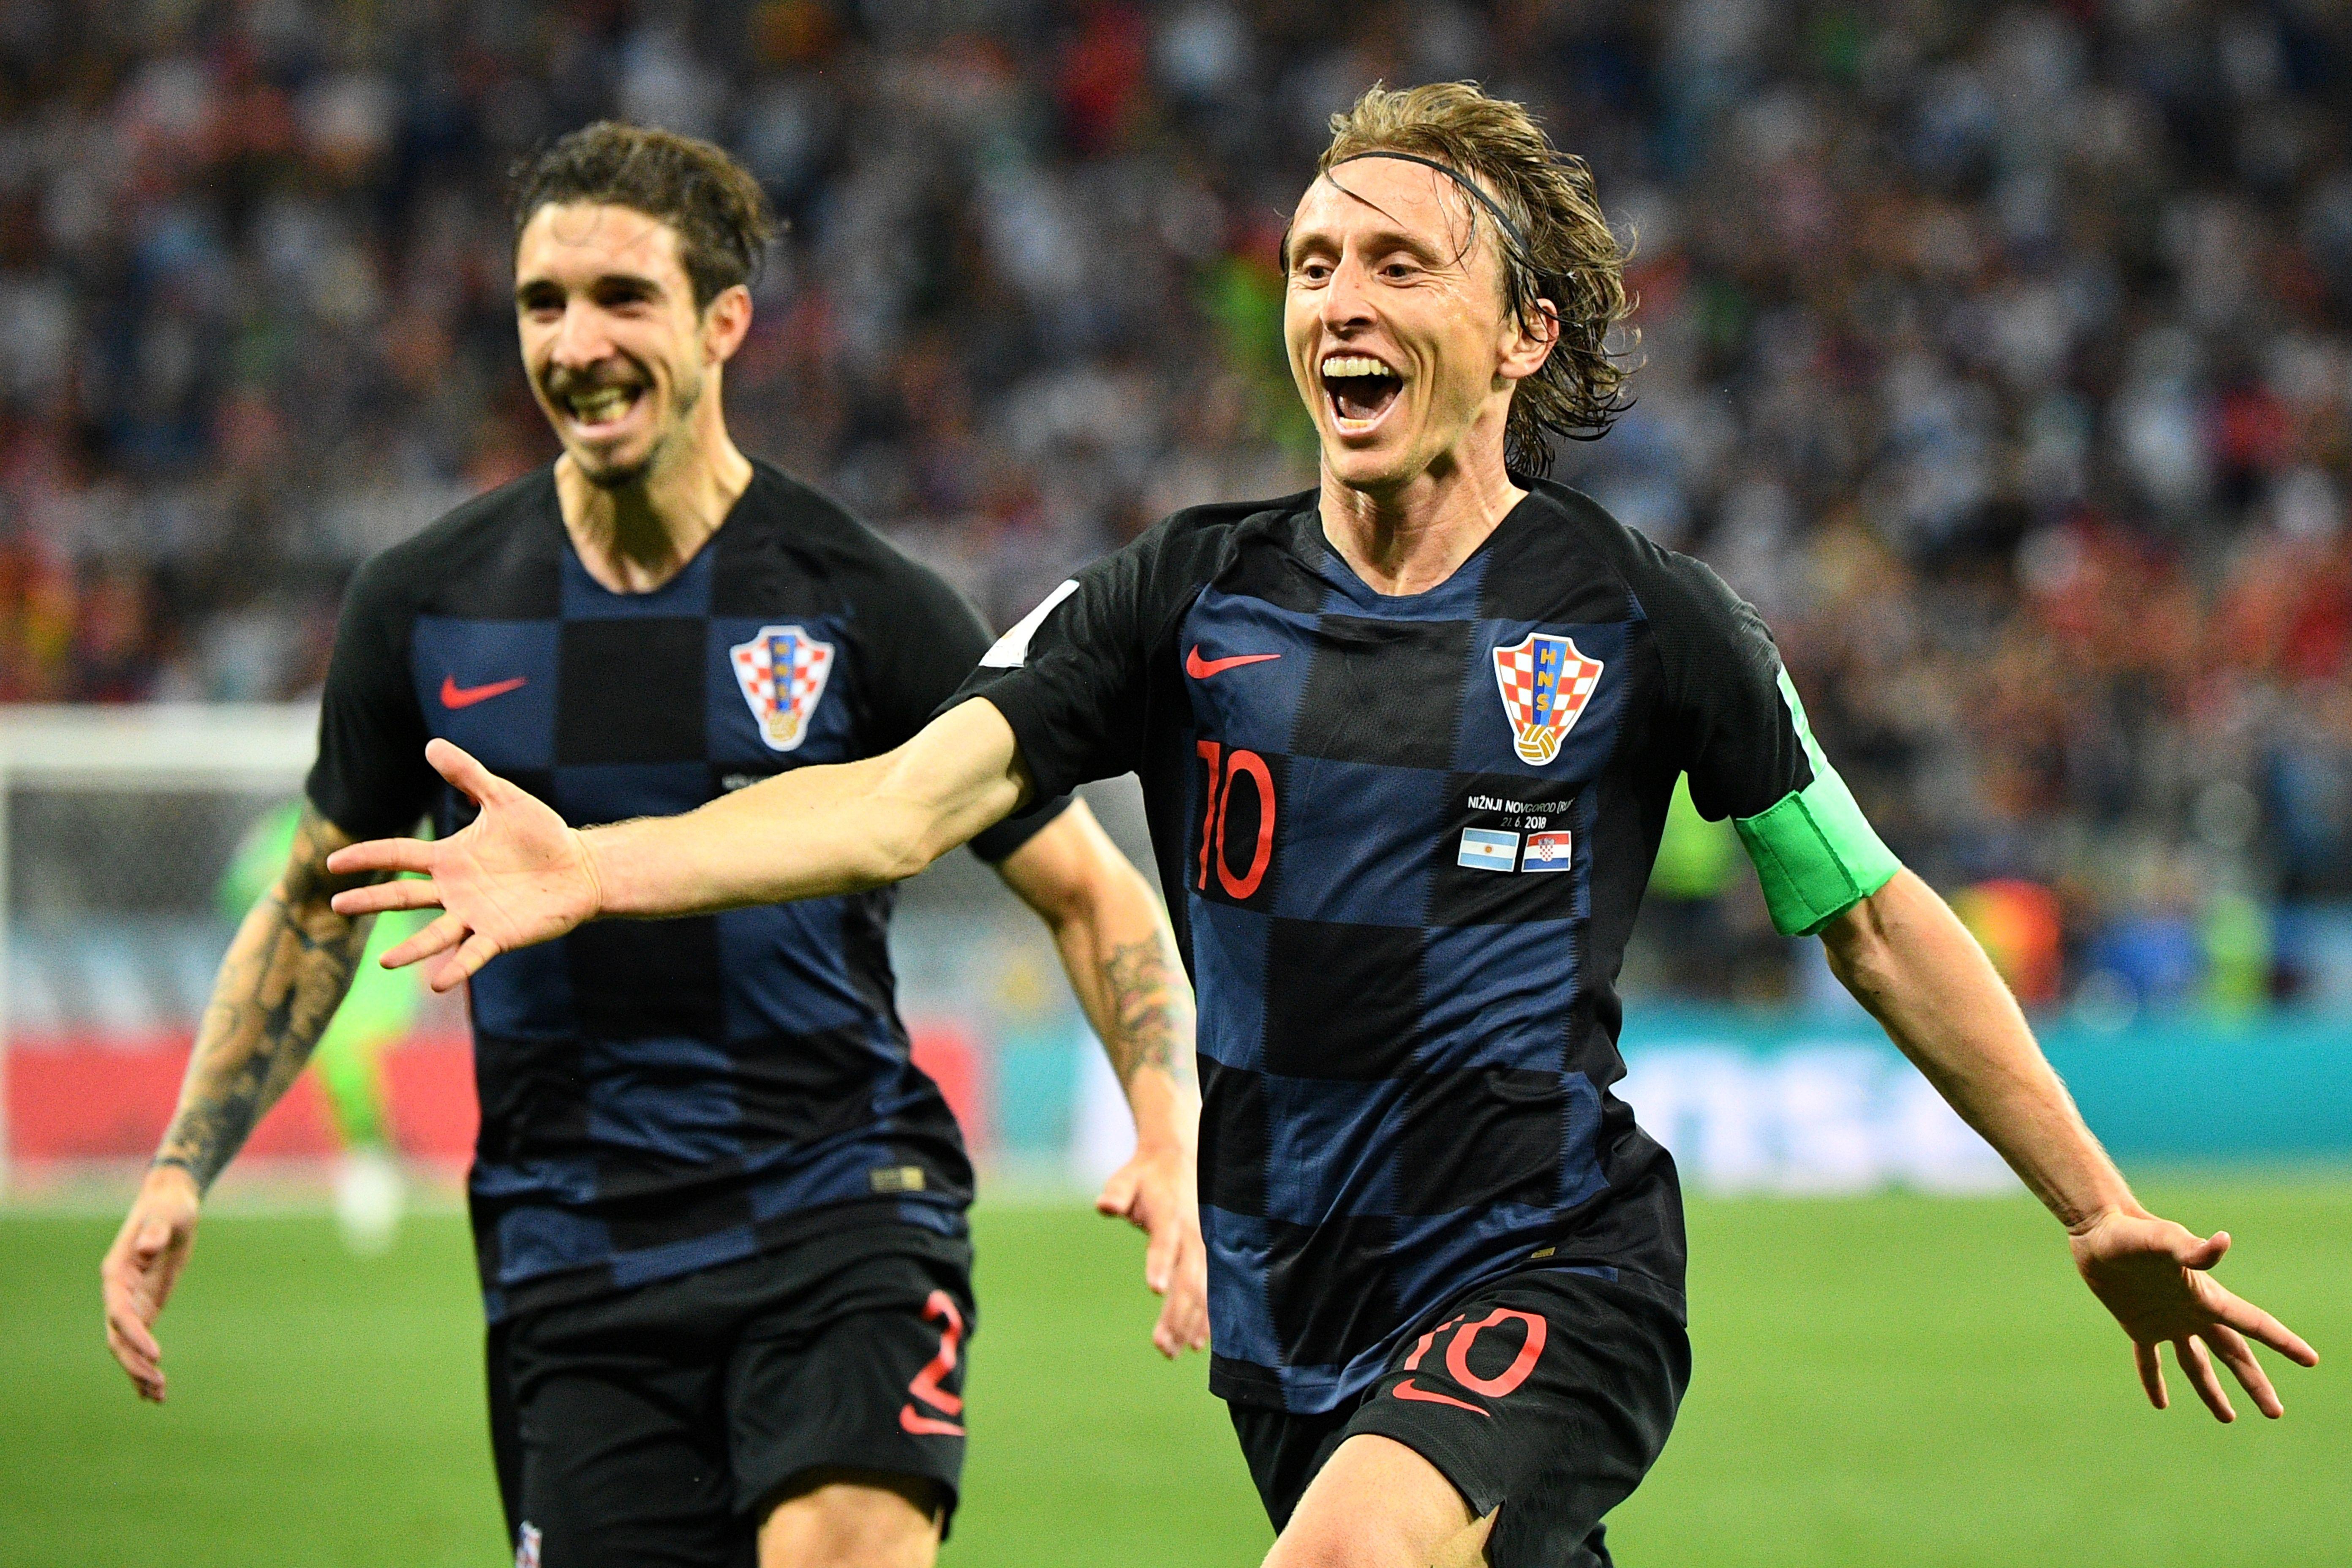 Recordando a copa do mundo da Croácia em 2018 2